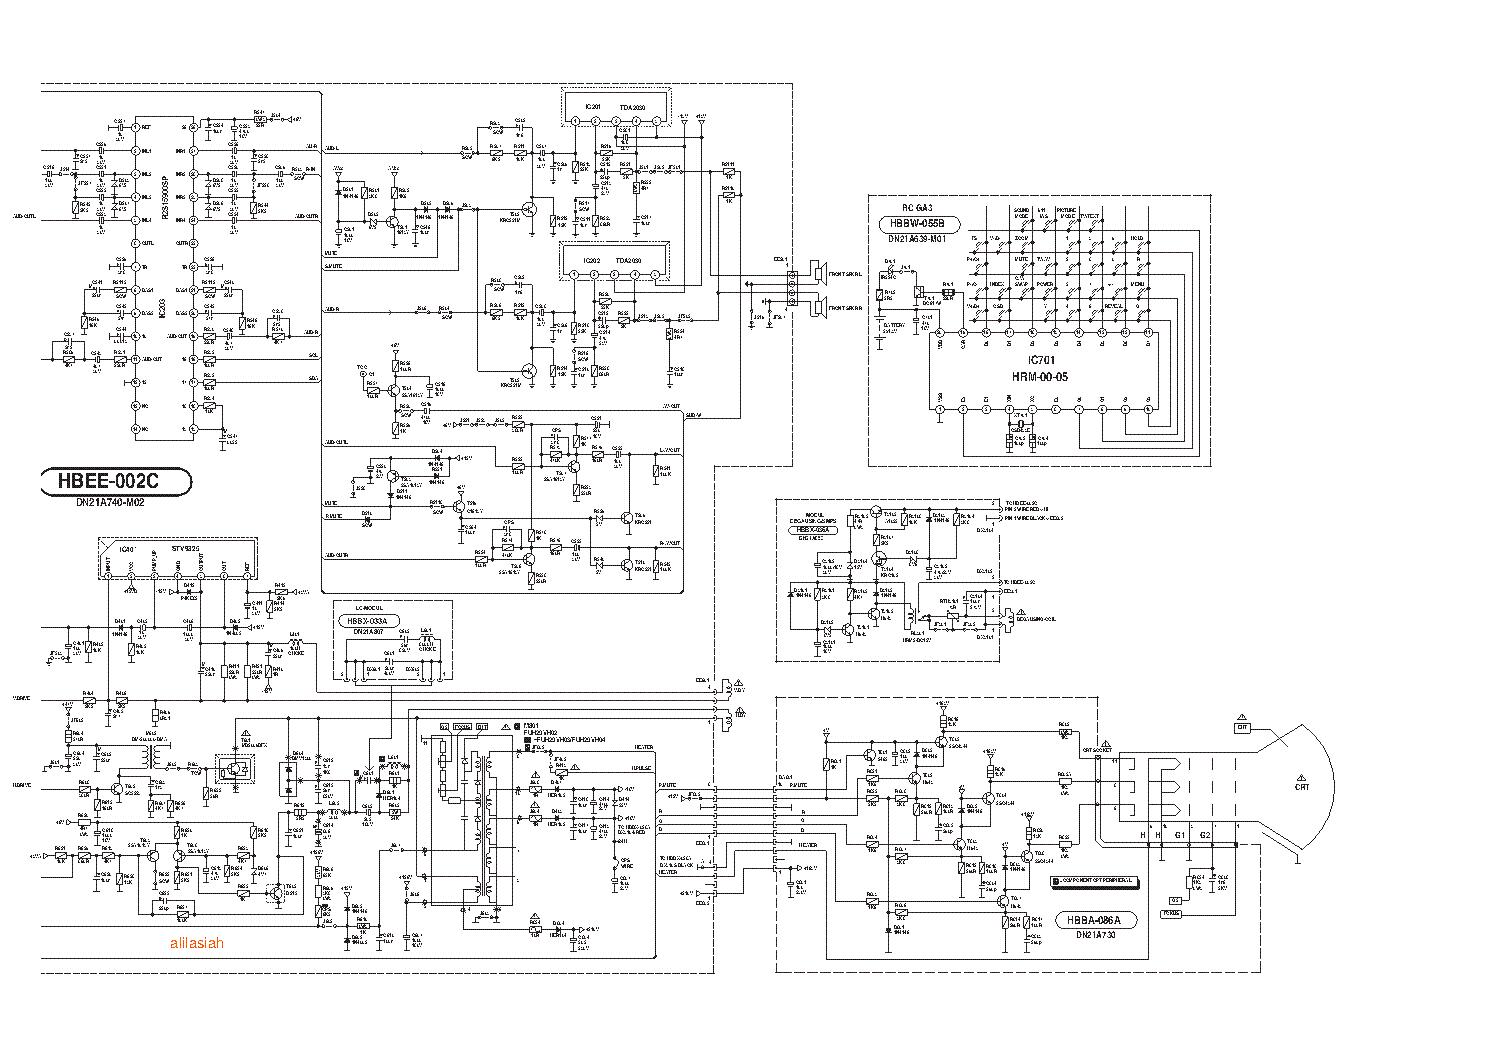 Polytron T29n12vul Bt1 Sd11a328 Hbt 01 01 Sch Service Manual Download  Schematics  Eeprom